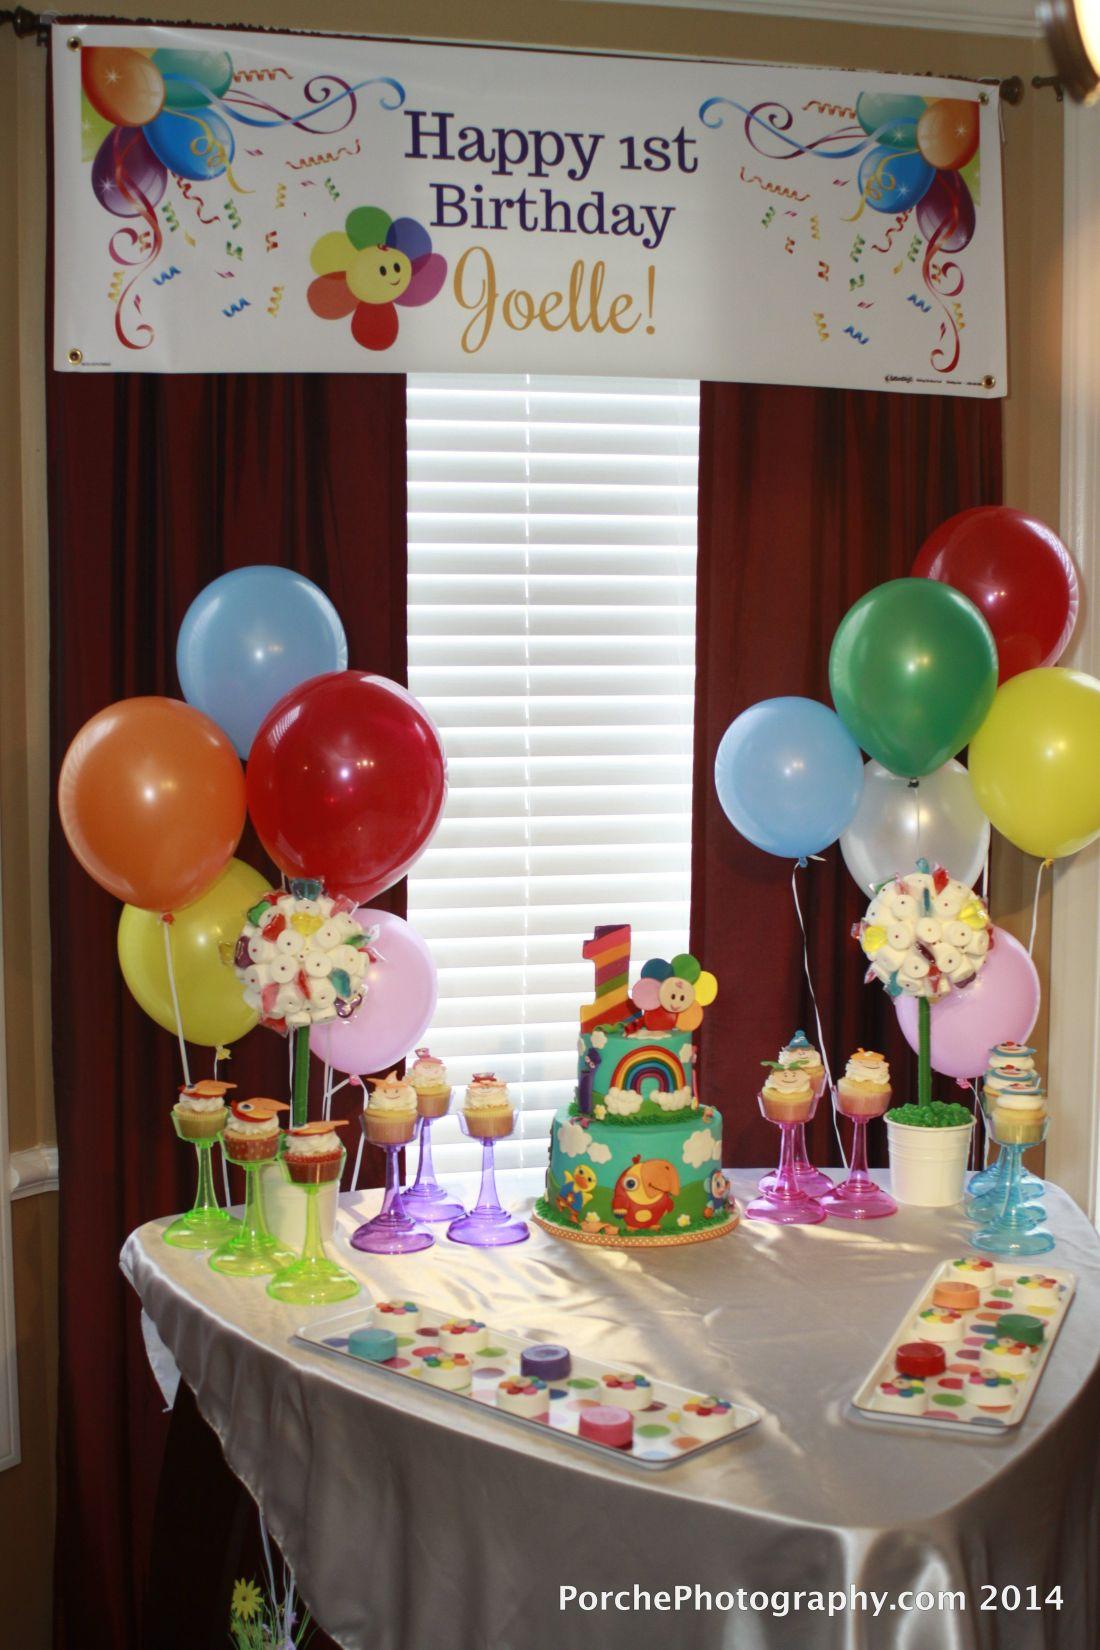 Babyfirst tv 1st birthday party joelle 1st birthday